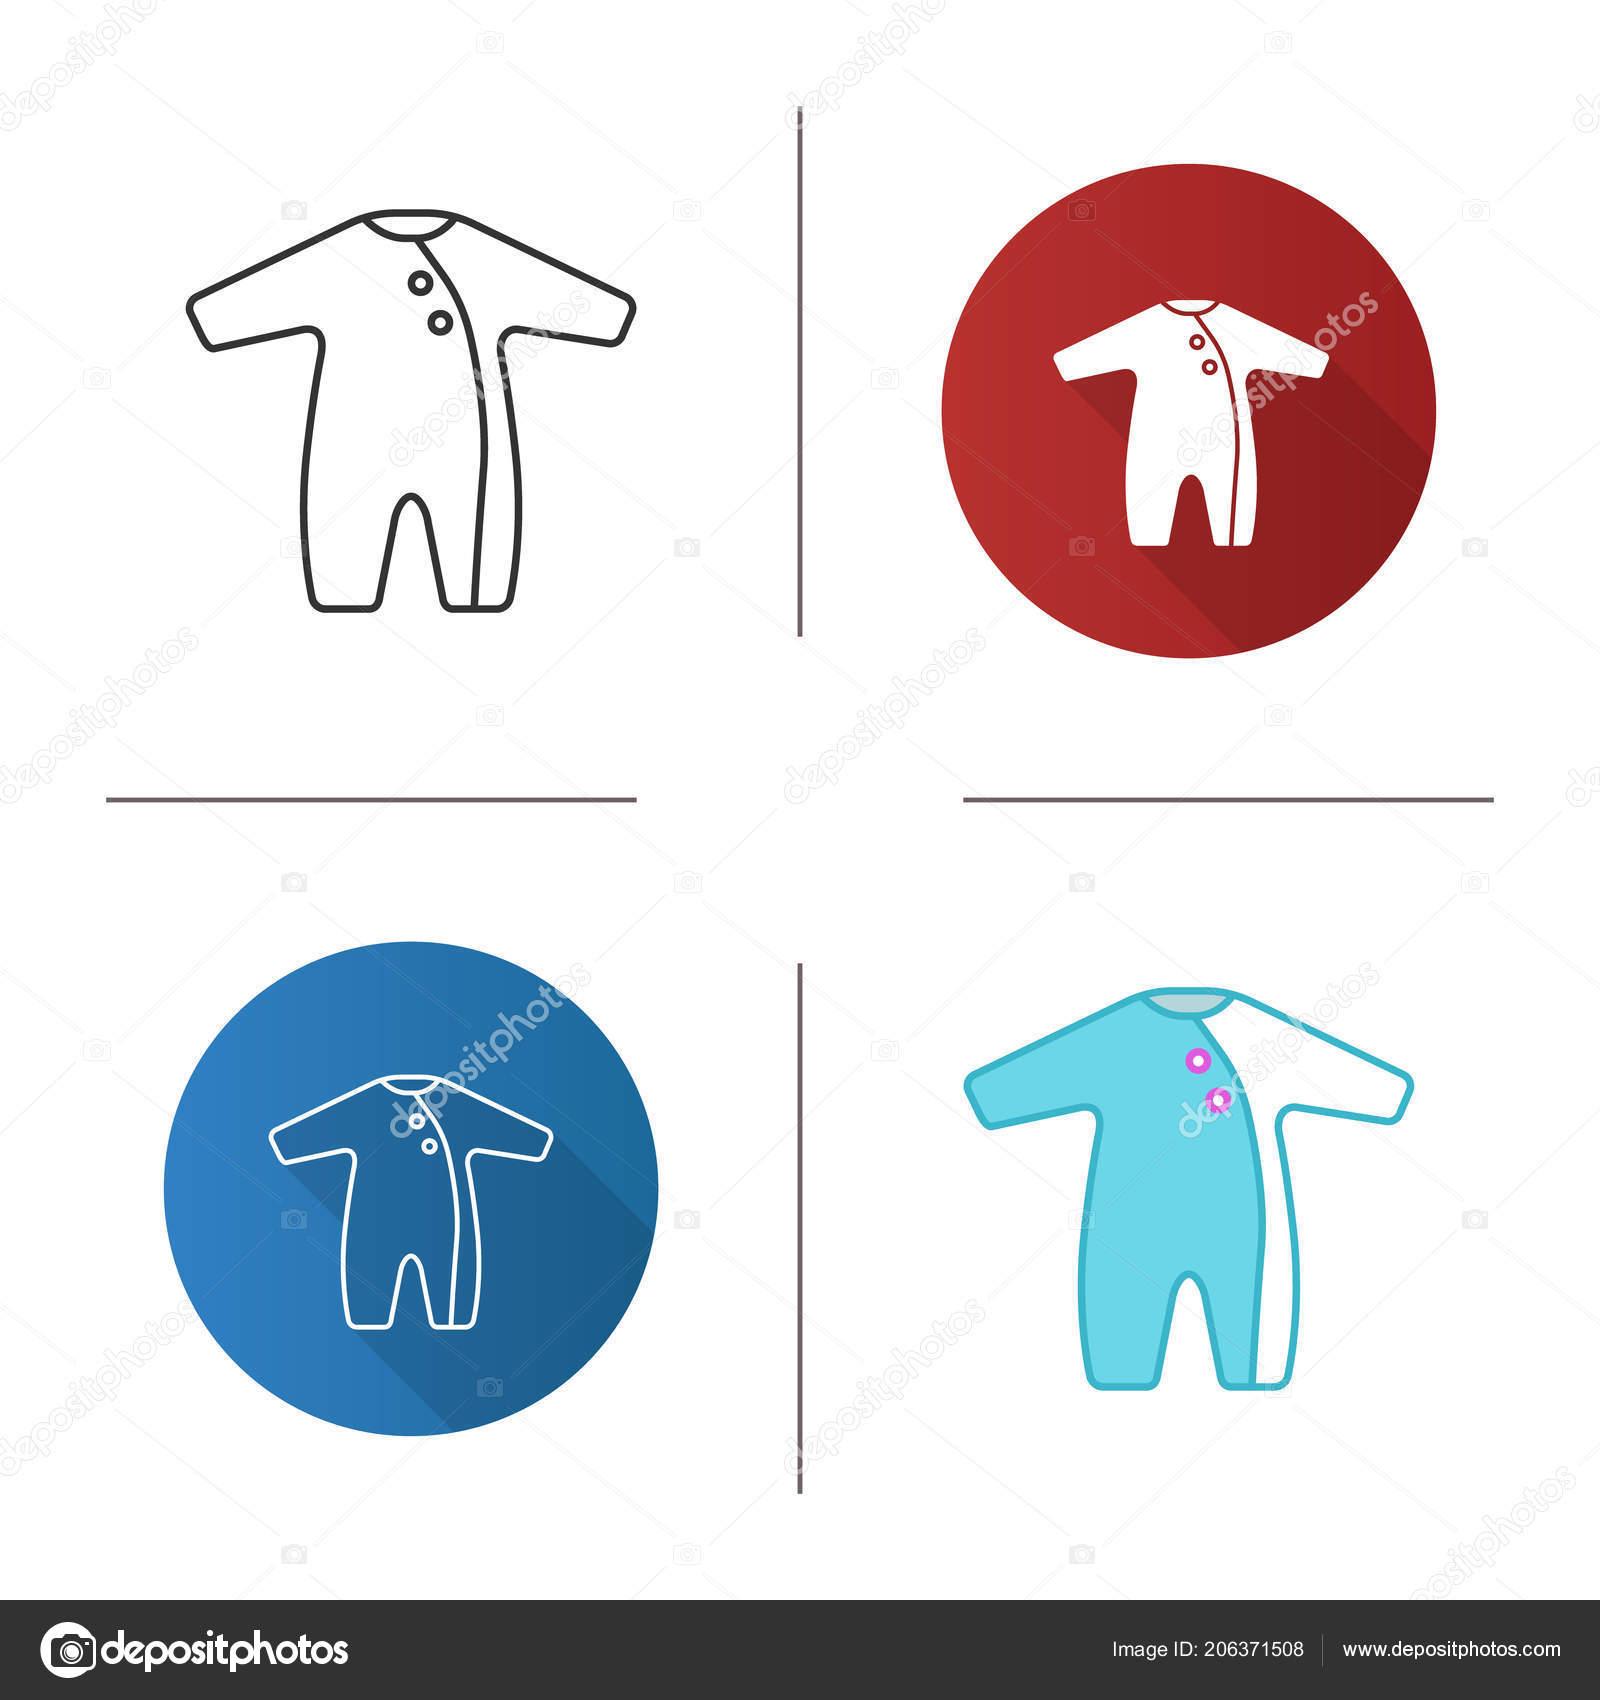 ca4b8b44eb2 Baby Romper Icon Newborn Baby Overalls Flat Design Linear Color ...